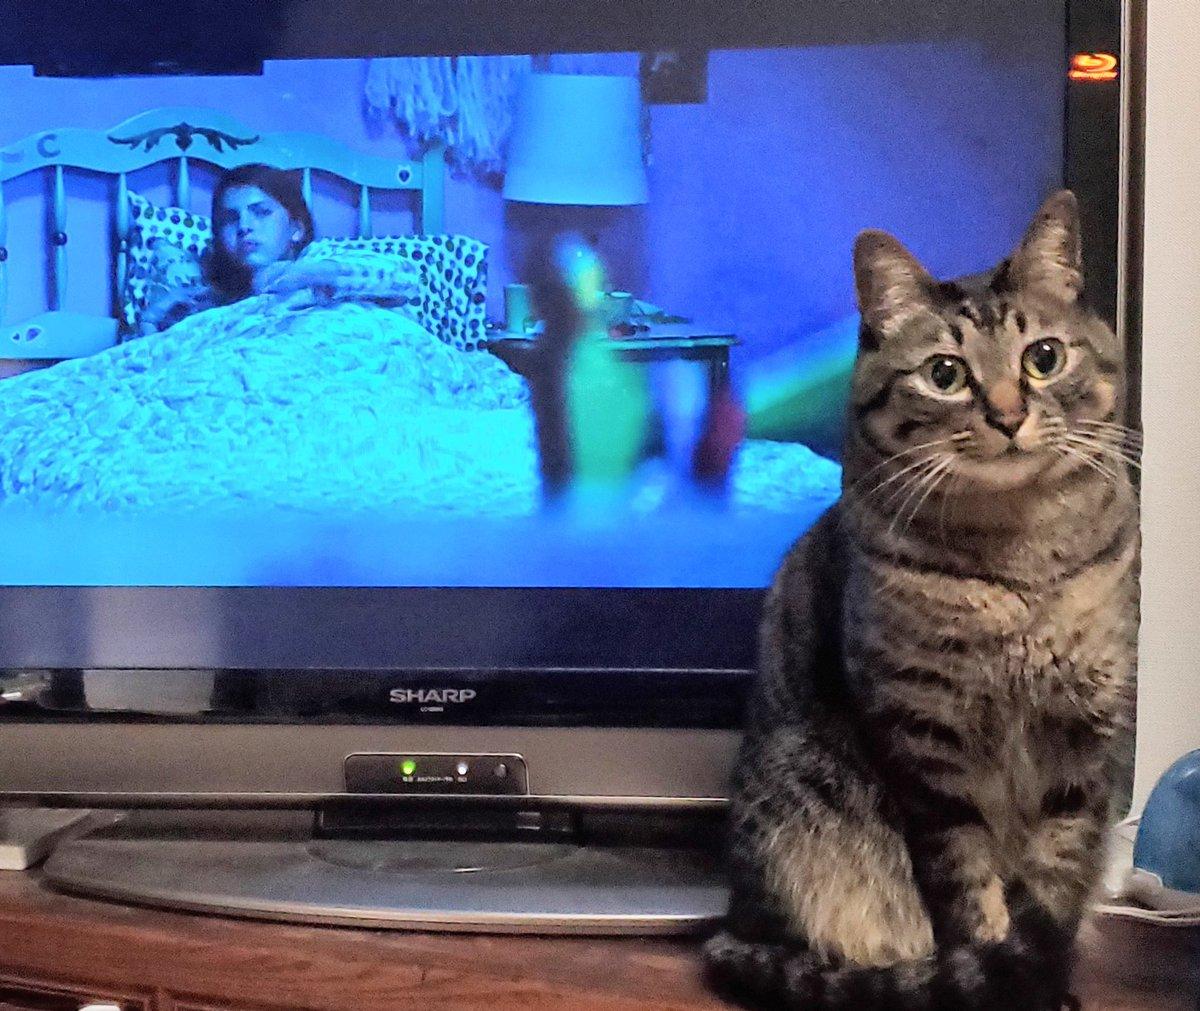 僕はホラー映画大好きなのですが、自宅であまりホラーを観ない理由は、ここぞという場面に限って、ねこがテレビ前に立ちはだかり、くりくりした目で強引に気分をなごませてくるからです